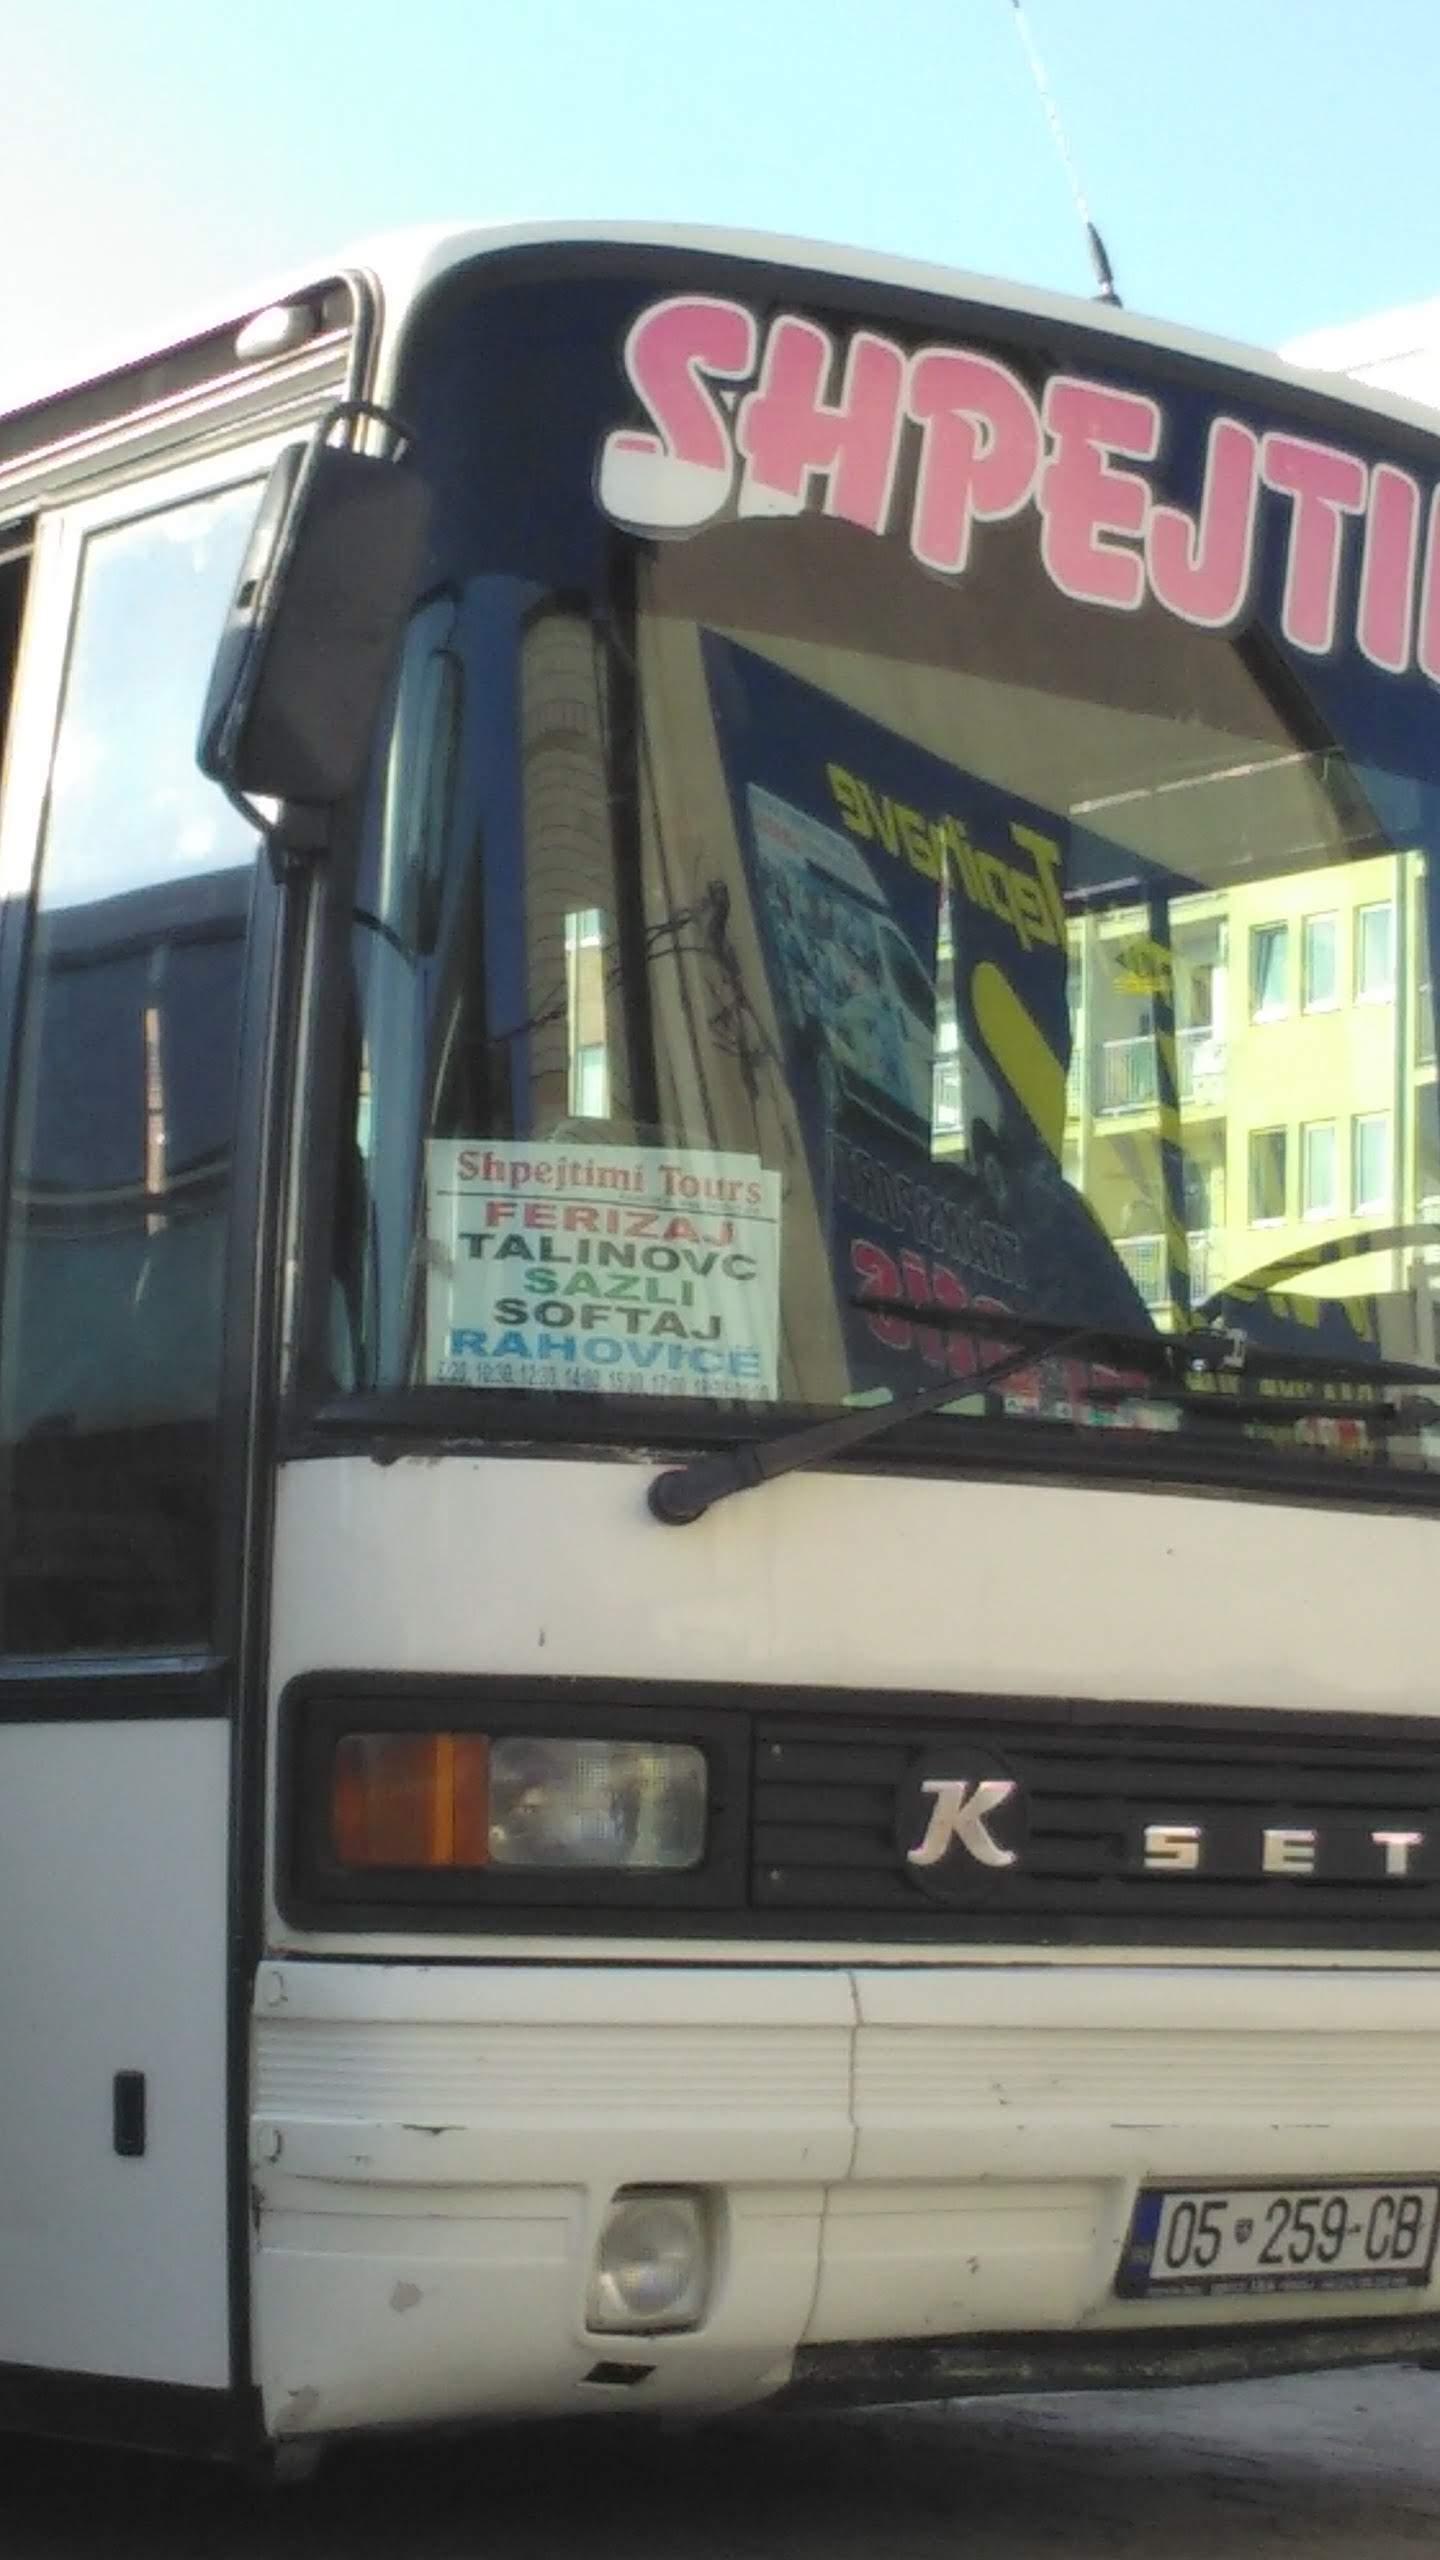 Kosovo bus experience